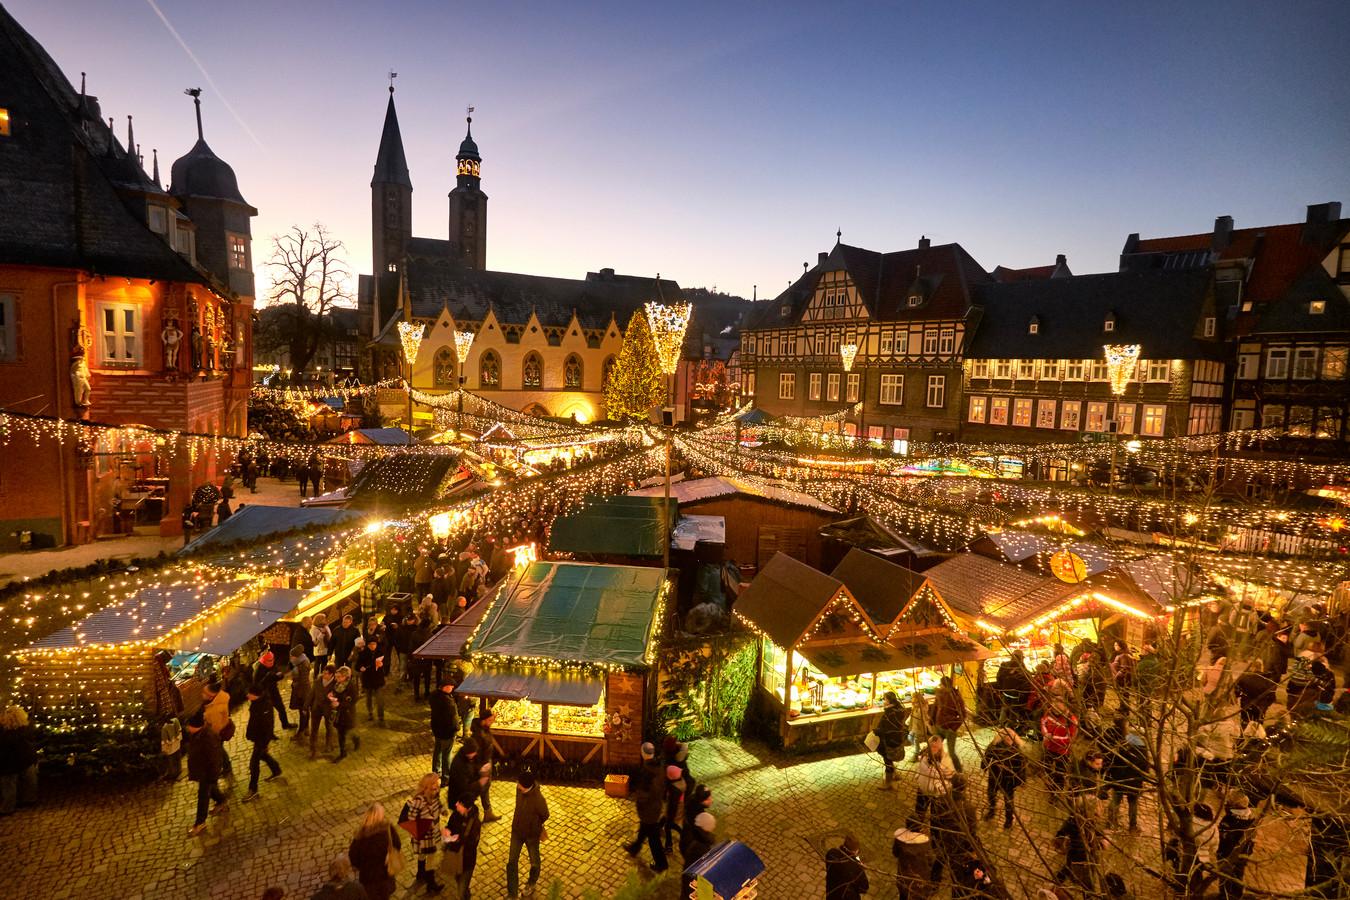 Kerstmarkt In Goslar Is Meest Sprookjesachtig Van Duitsland